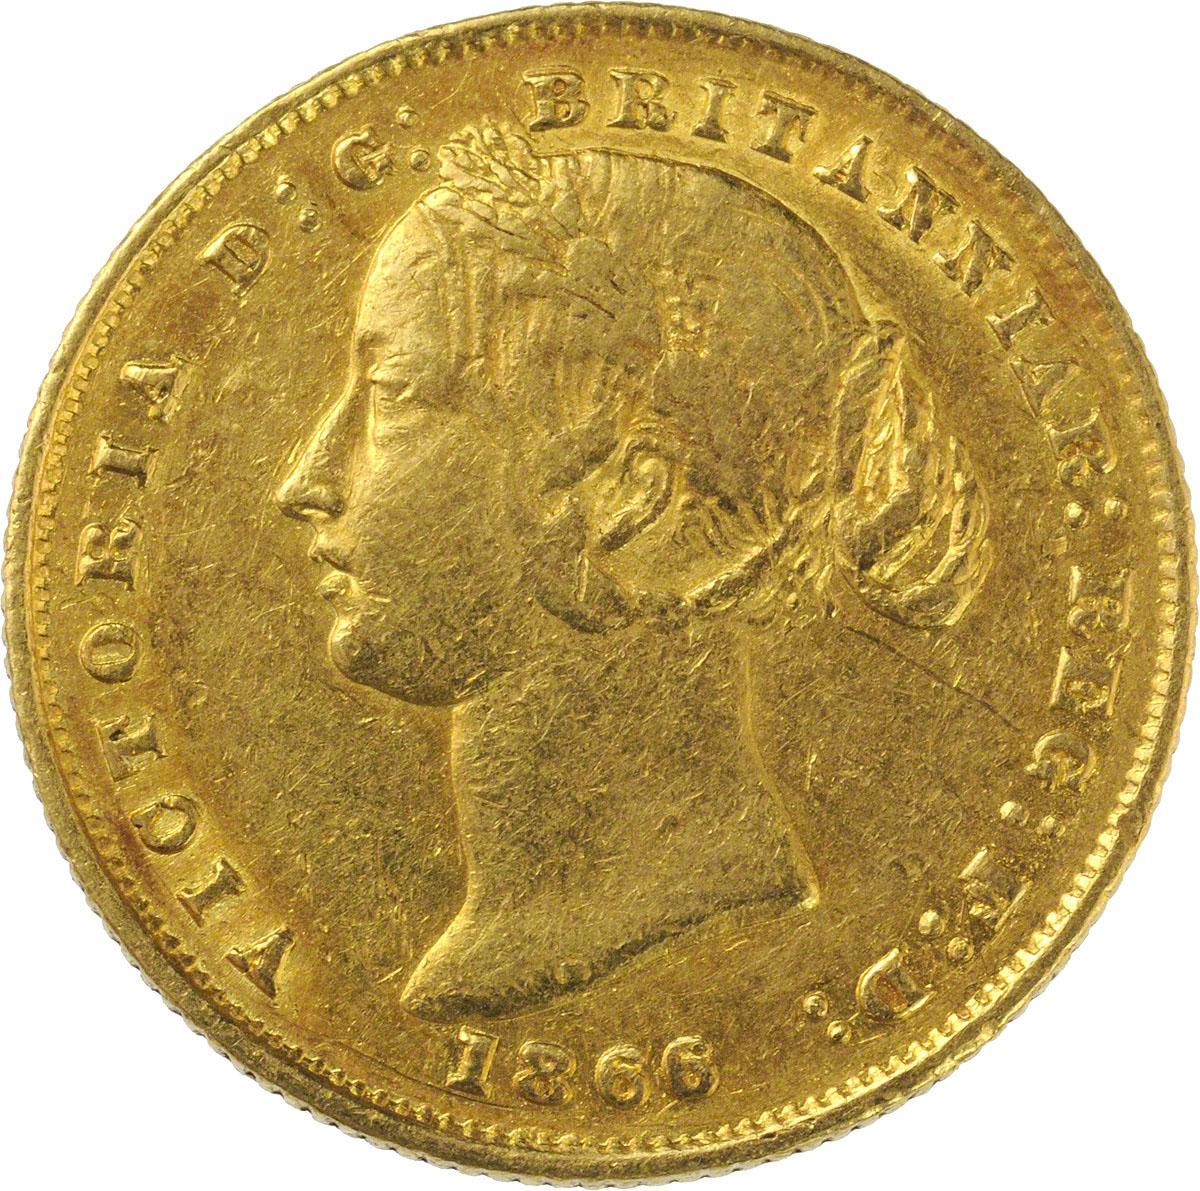 1866 Βικτώρια (Νομισματοκοπείο Σίδνεϊ)